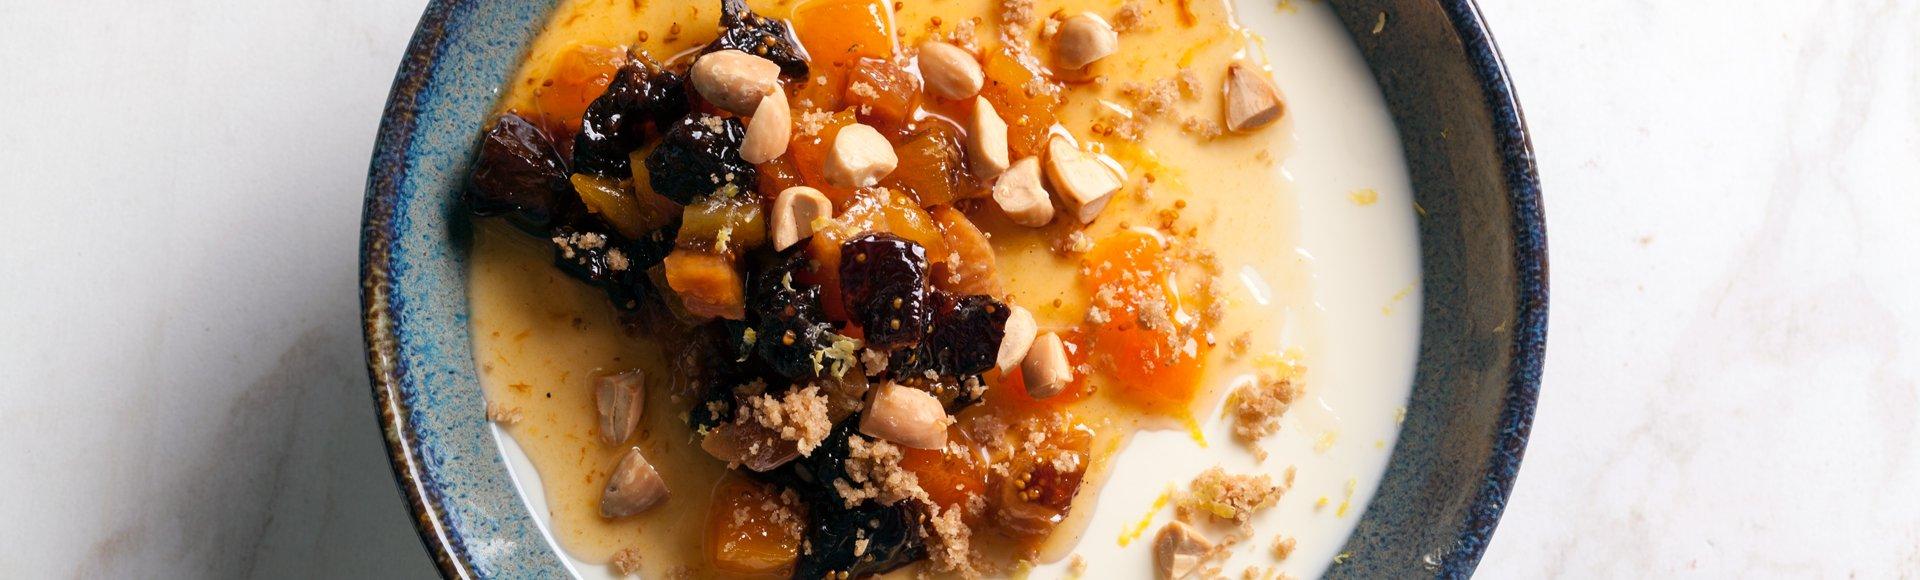 Πανακότα γιαούρτι, με σιροπιαστά αποξηραμένα φρούτα και αμύγδαλα